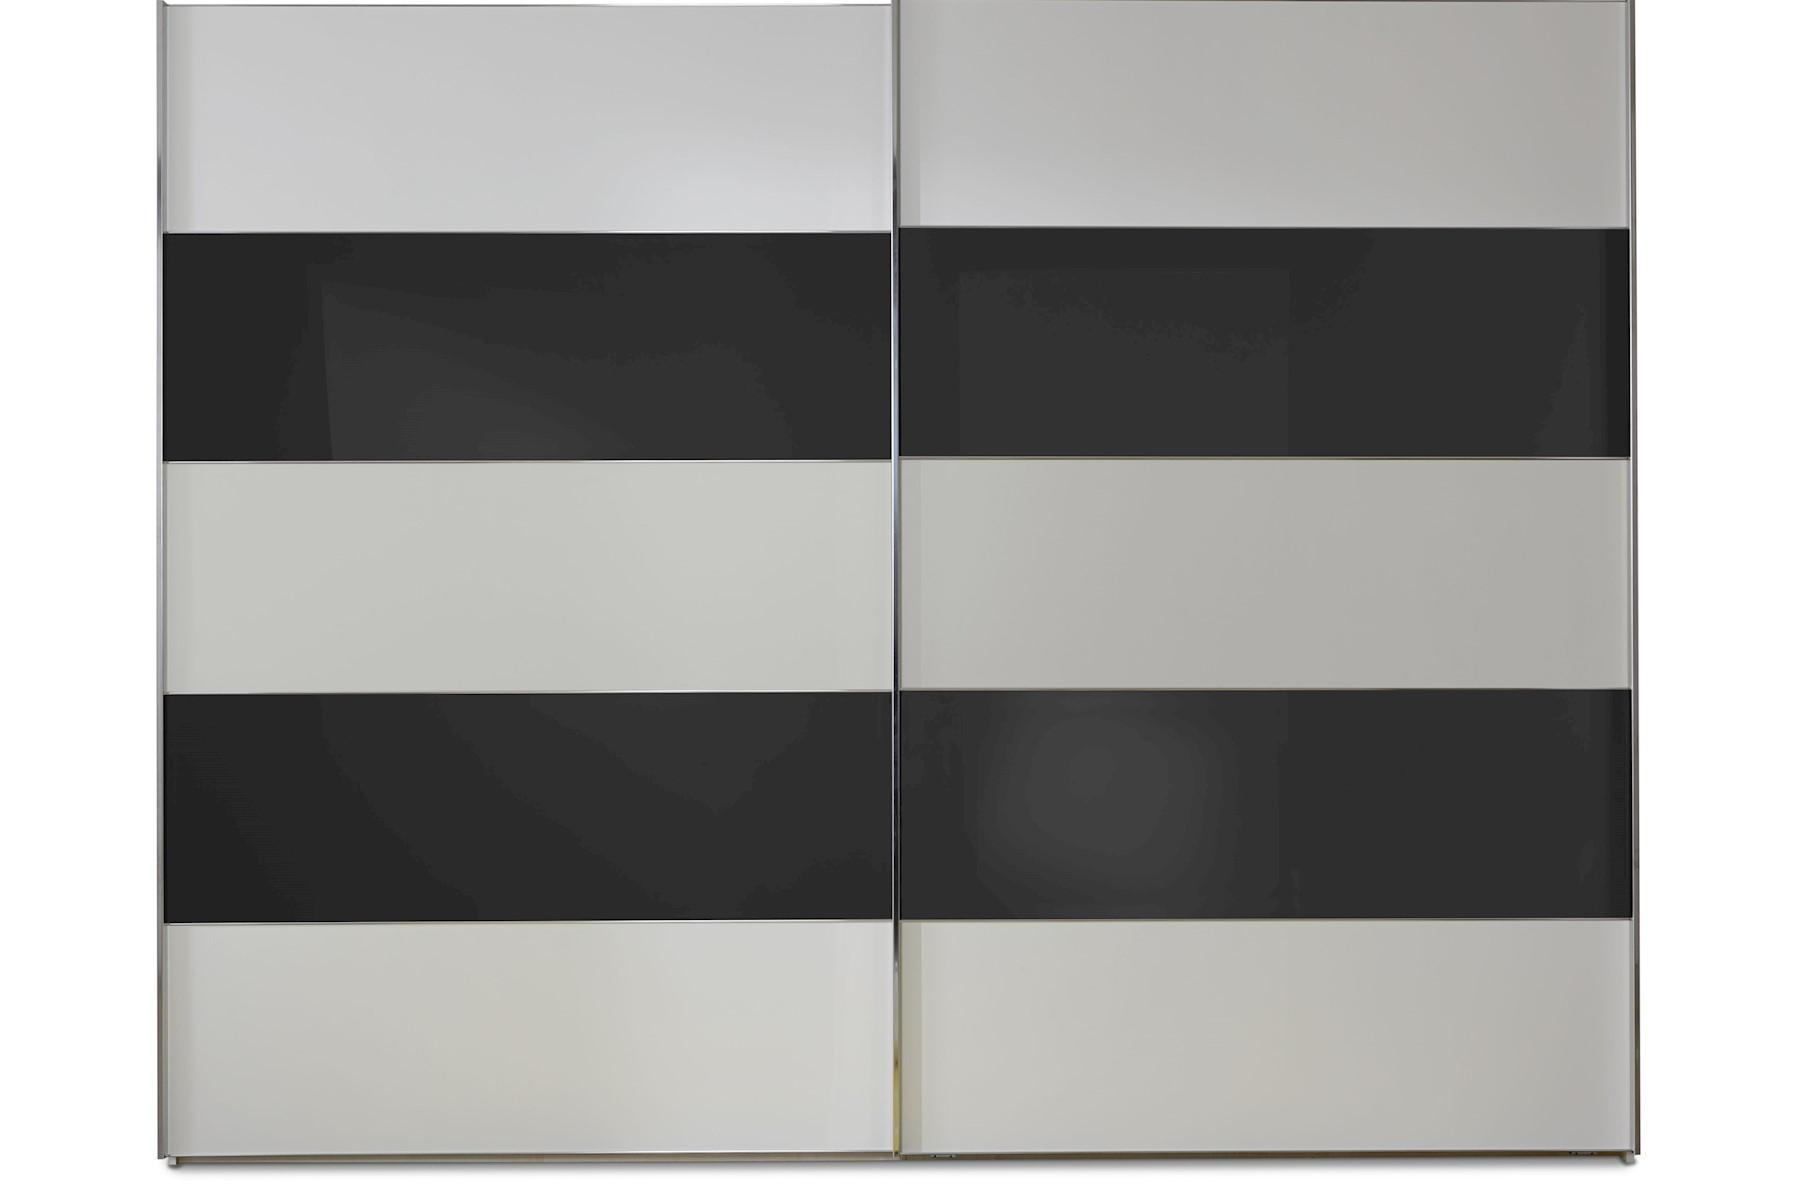 Schwebetürenschrank Genius in Weiß mit Schwarzem Glas 400 cm x 236 cm